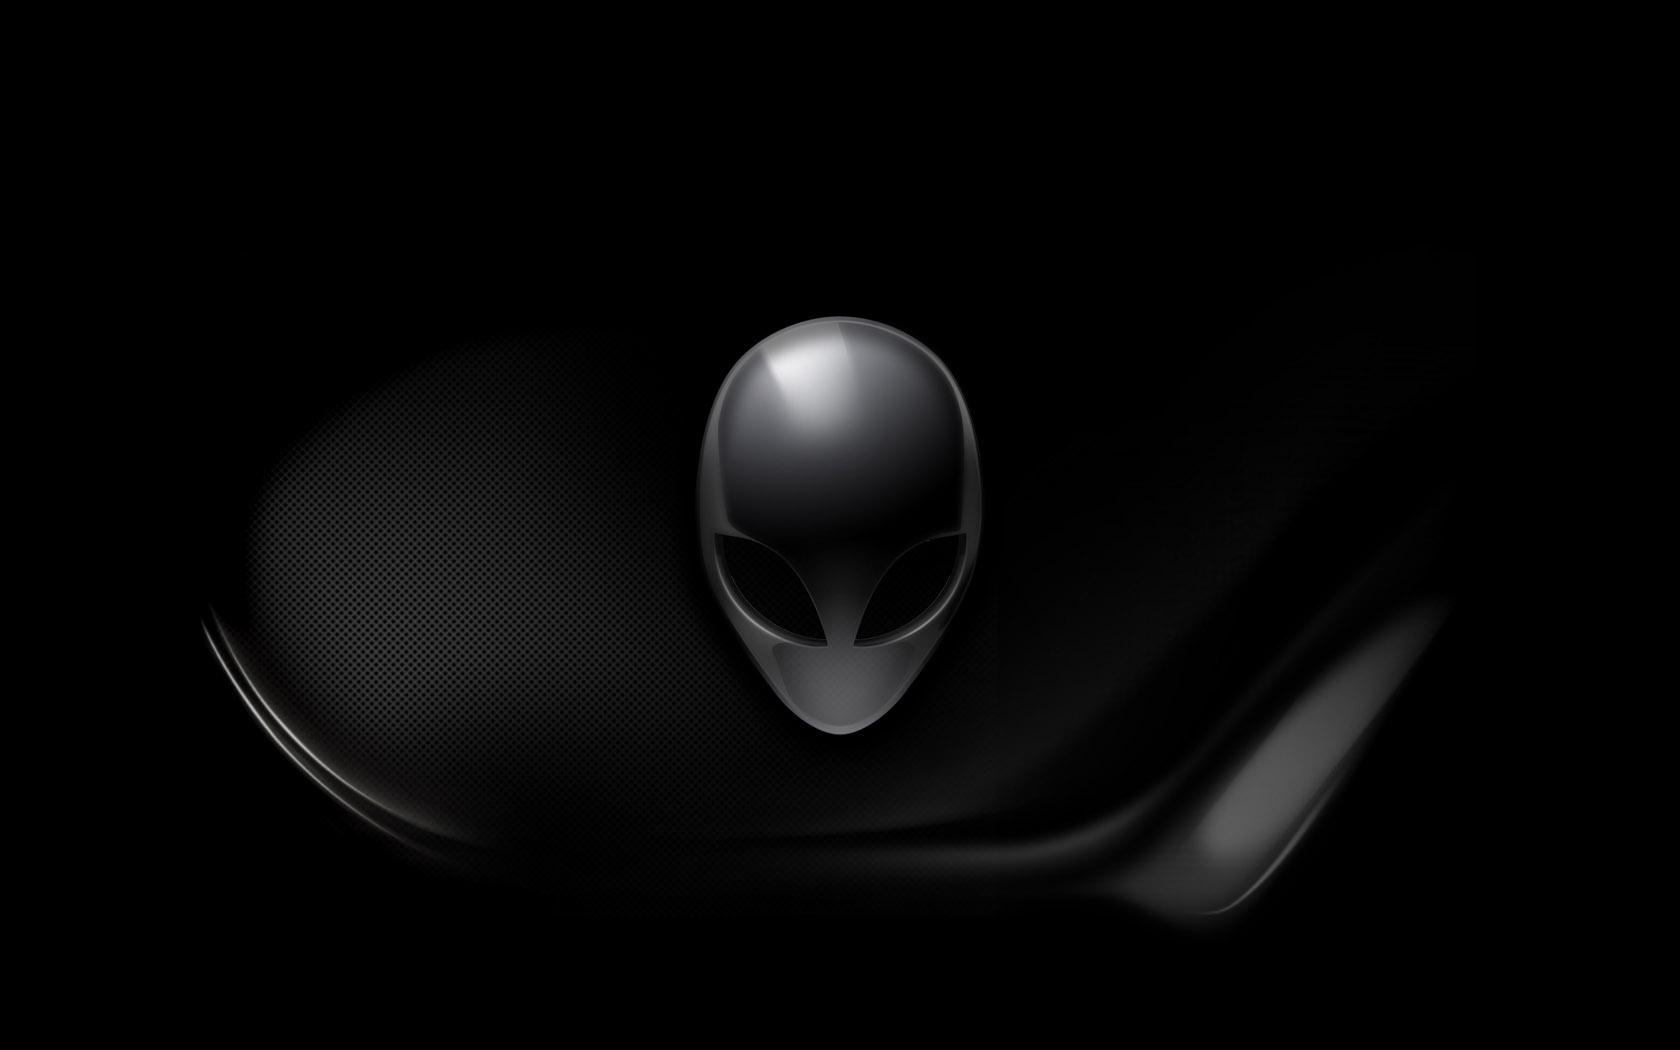 alienware dark wallpaper wallpapers55com   Best Wallpapers for PCs 1680x1050